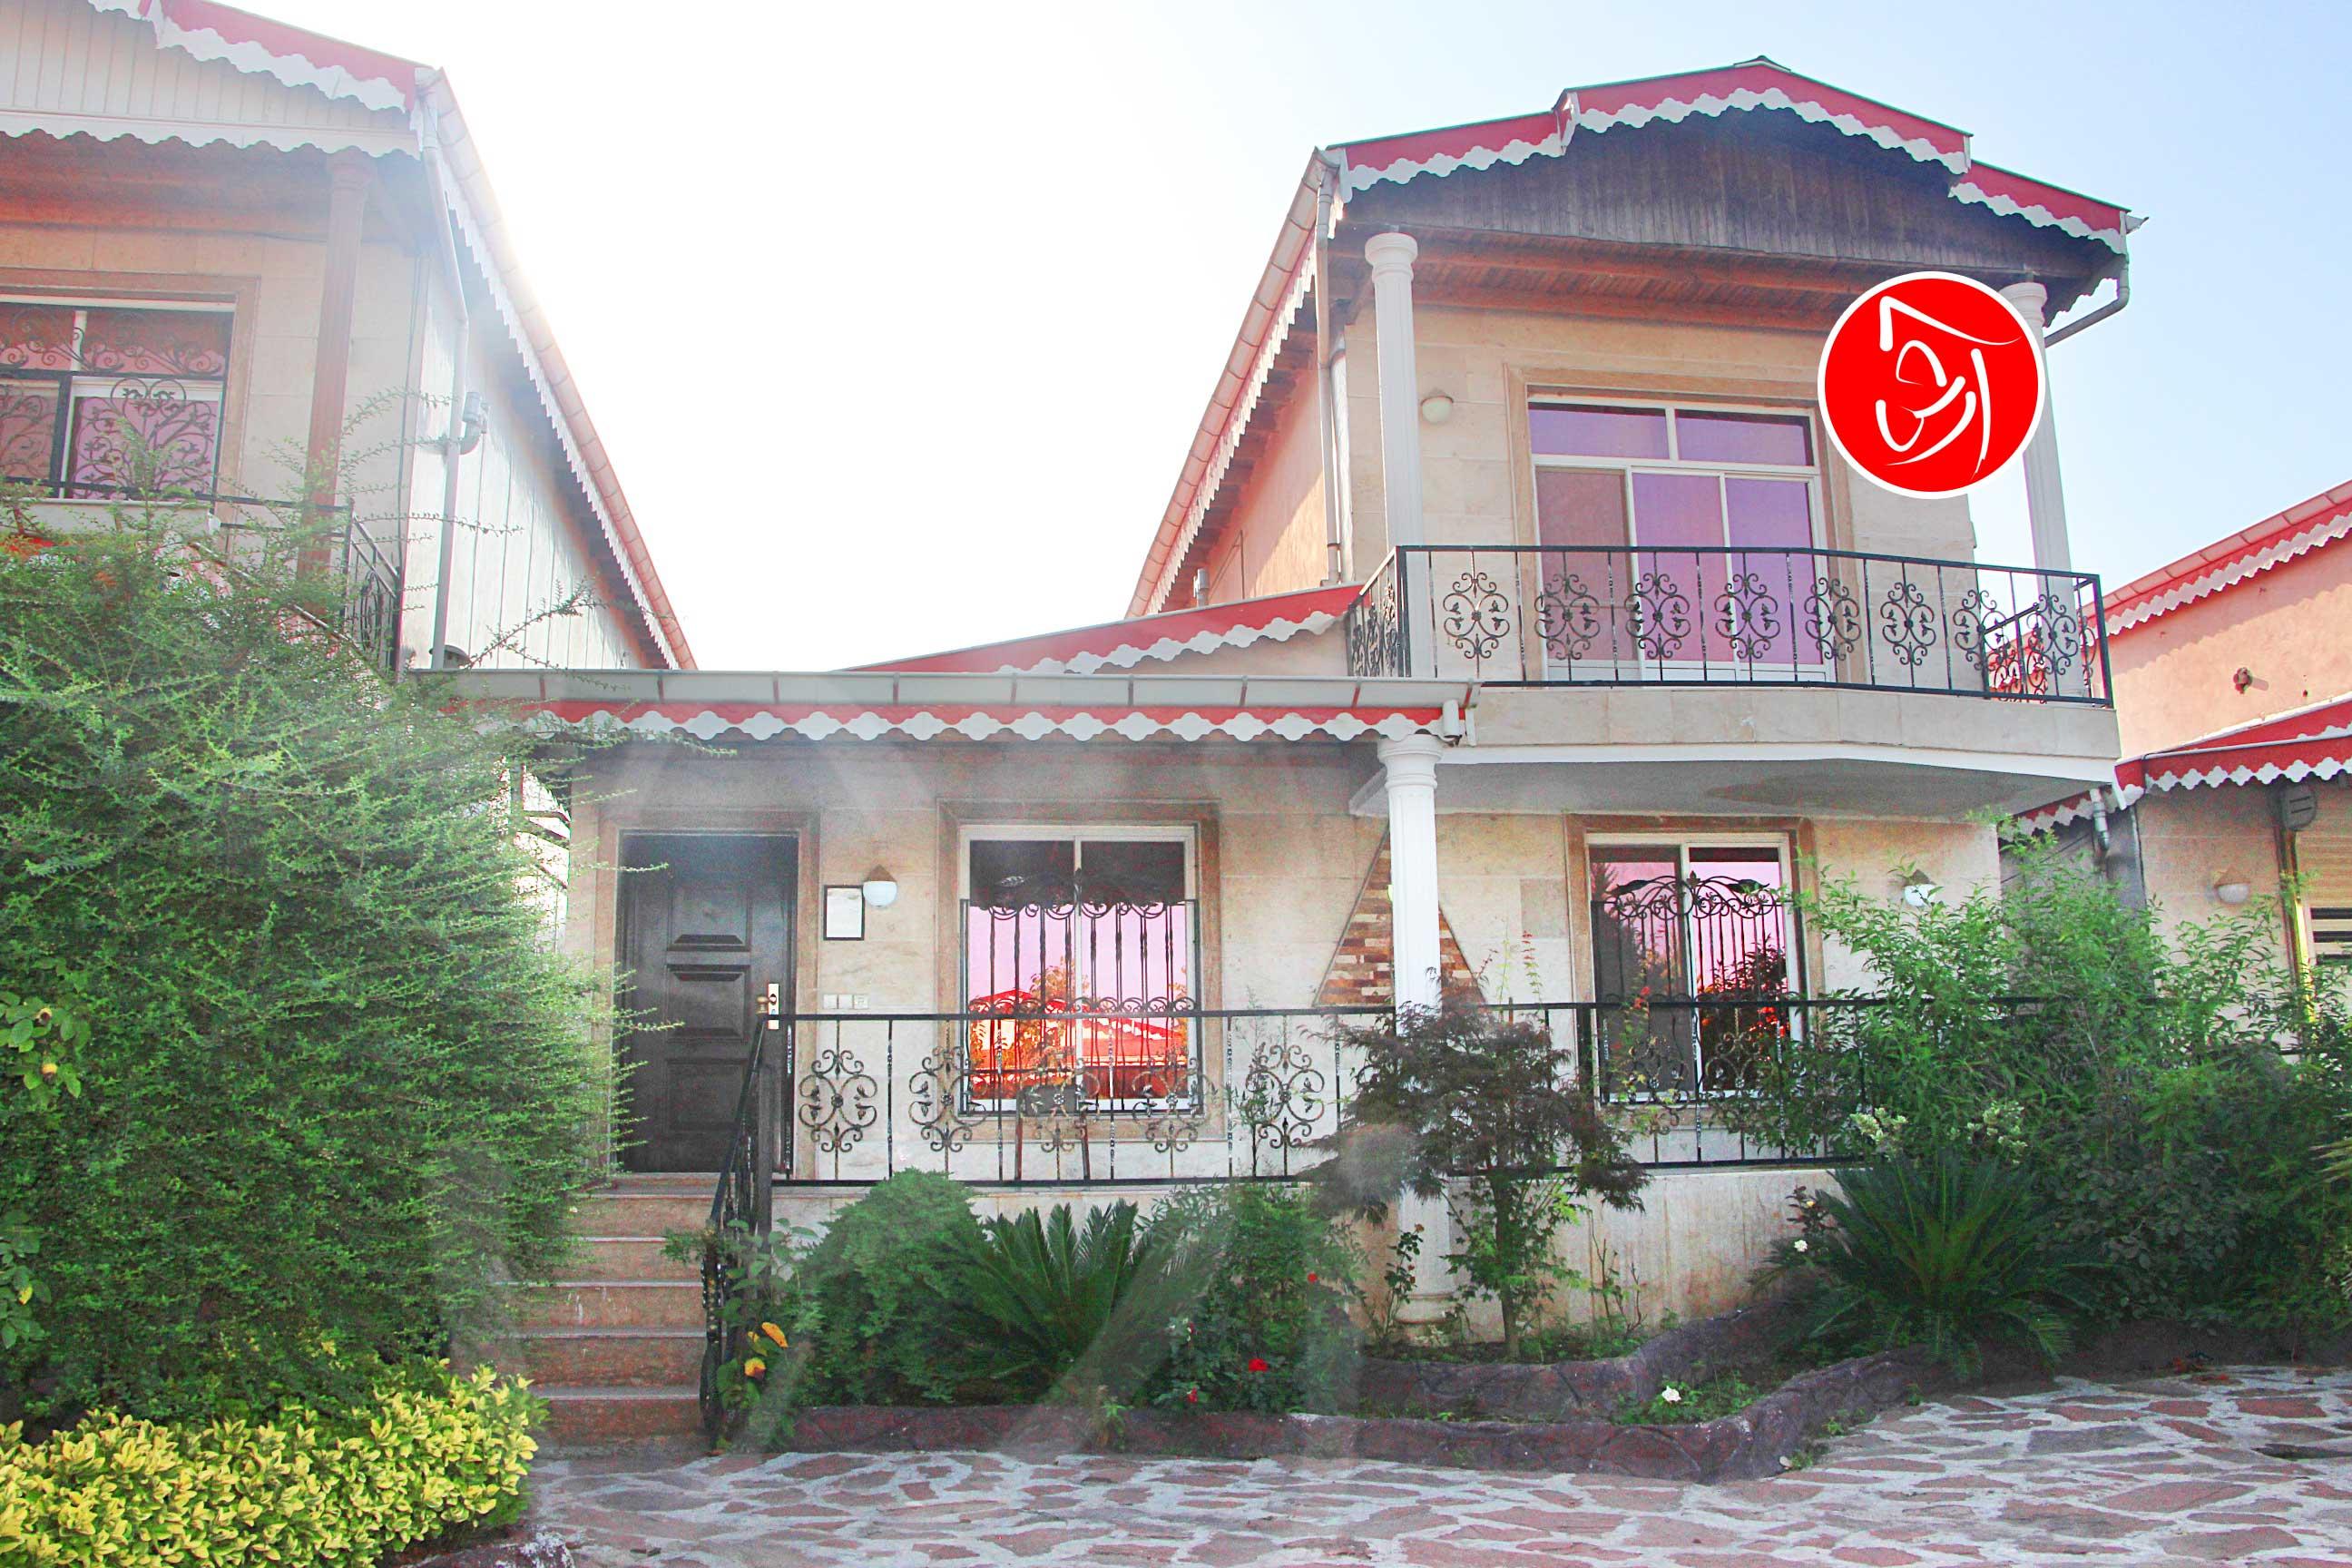 فروش ویلا دوبلکس در منطقه آزاد انزلی – شهرک آرش دو زیباکنار کد ۴۱۶